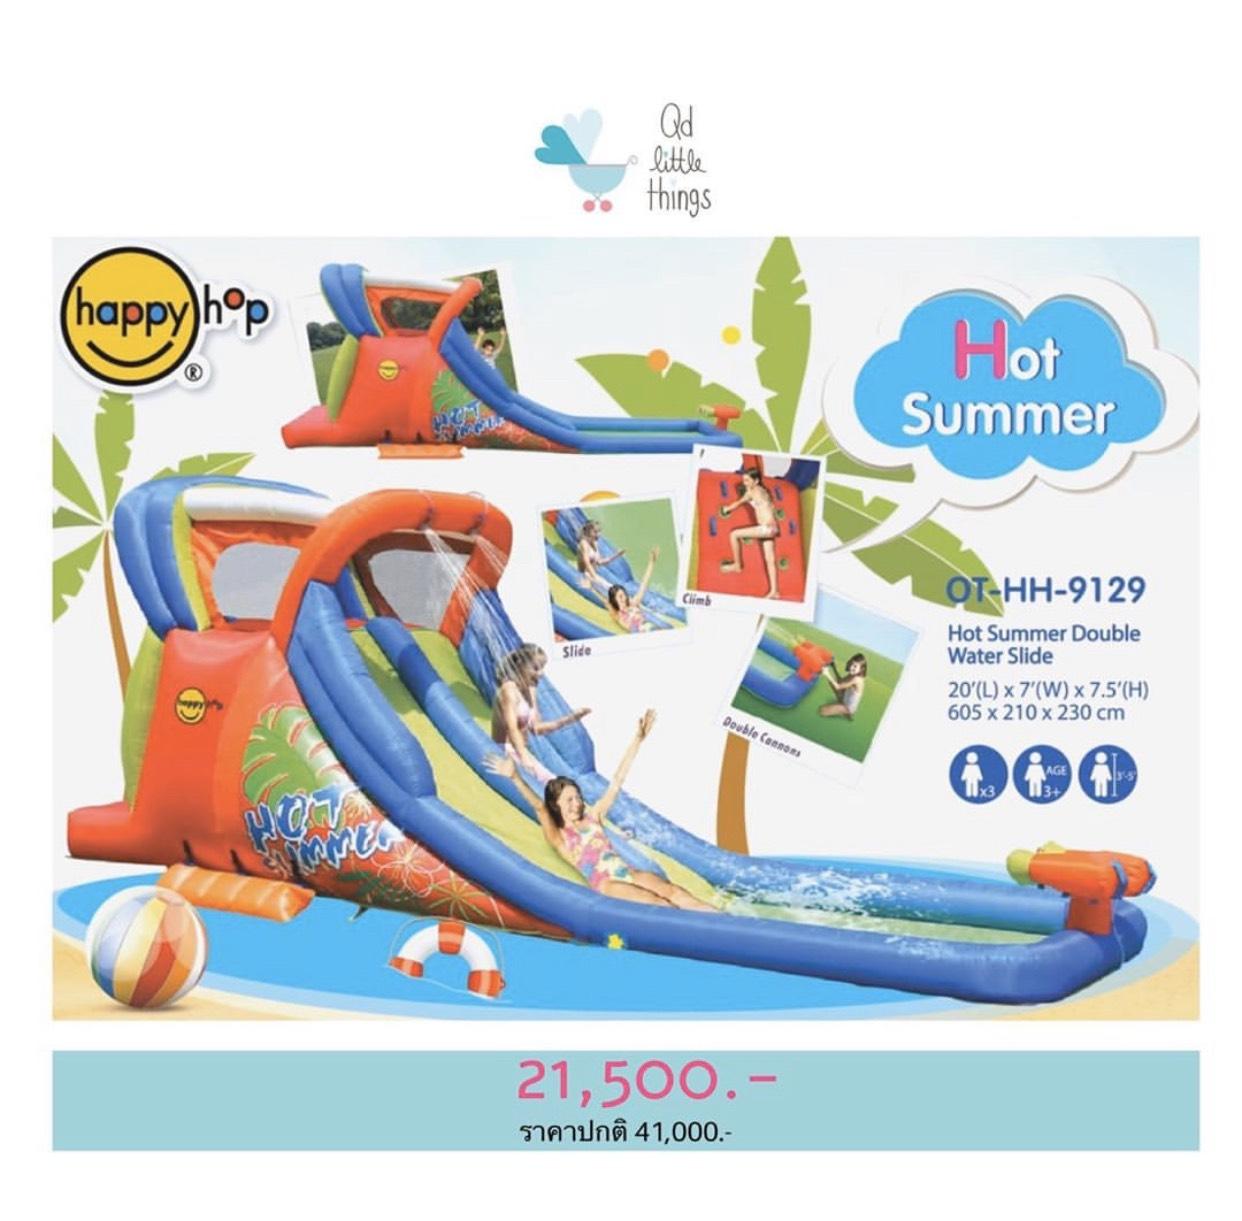 Happy Hop - Hot Summer Double Water Slide